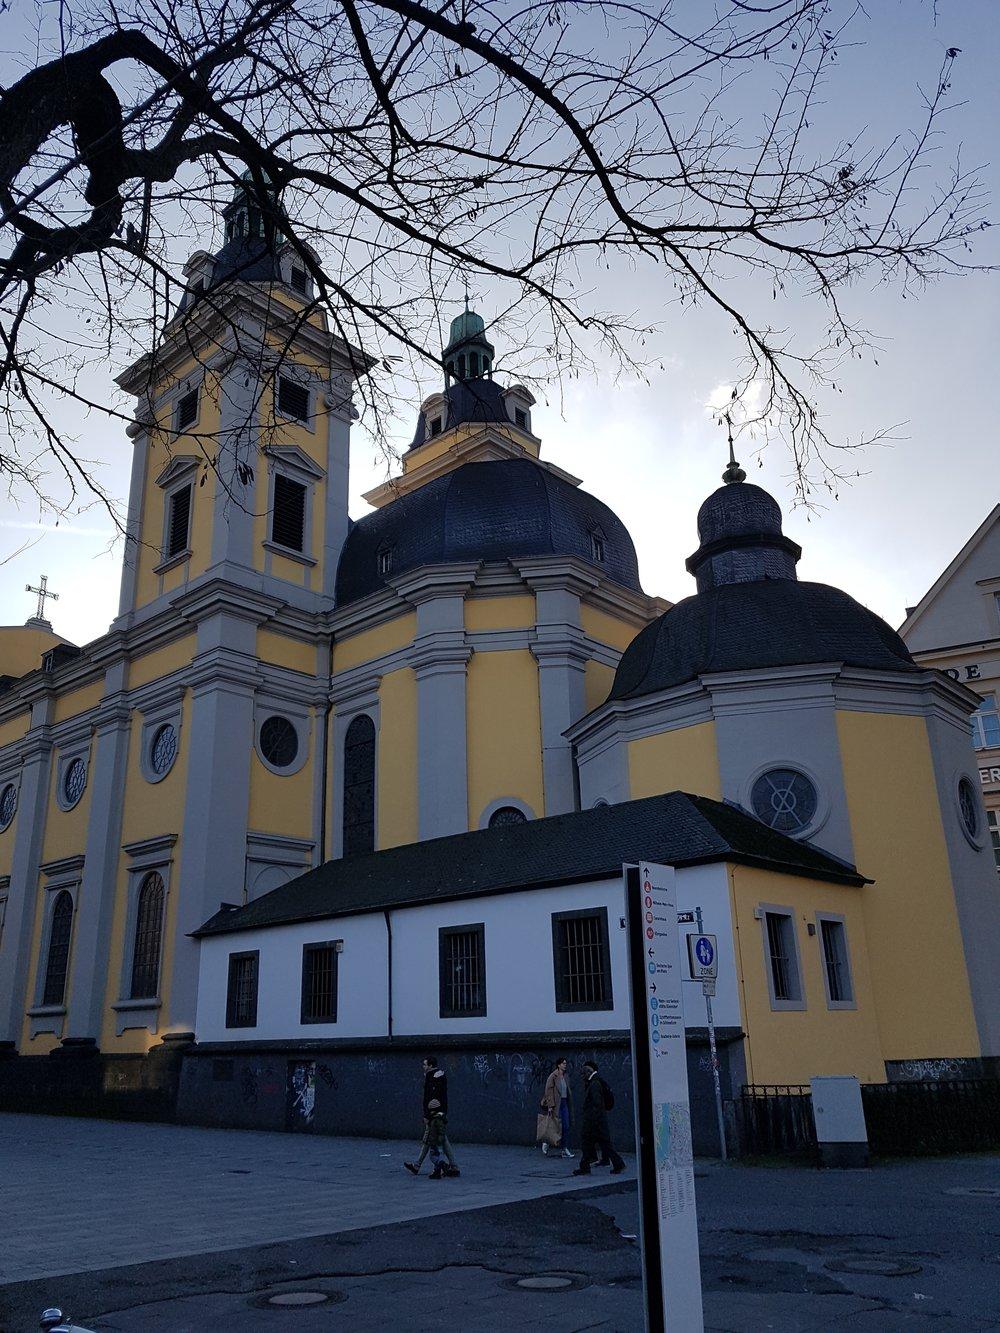 church in Düsseldorf